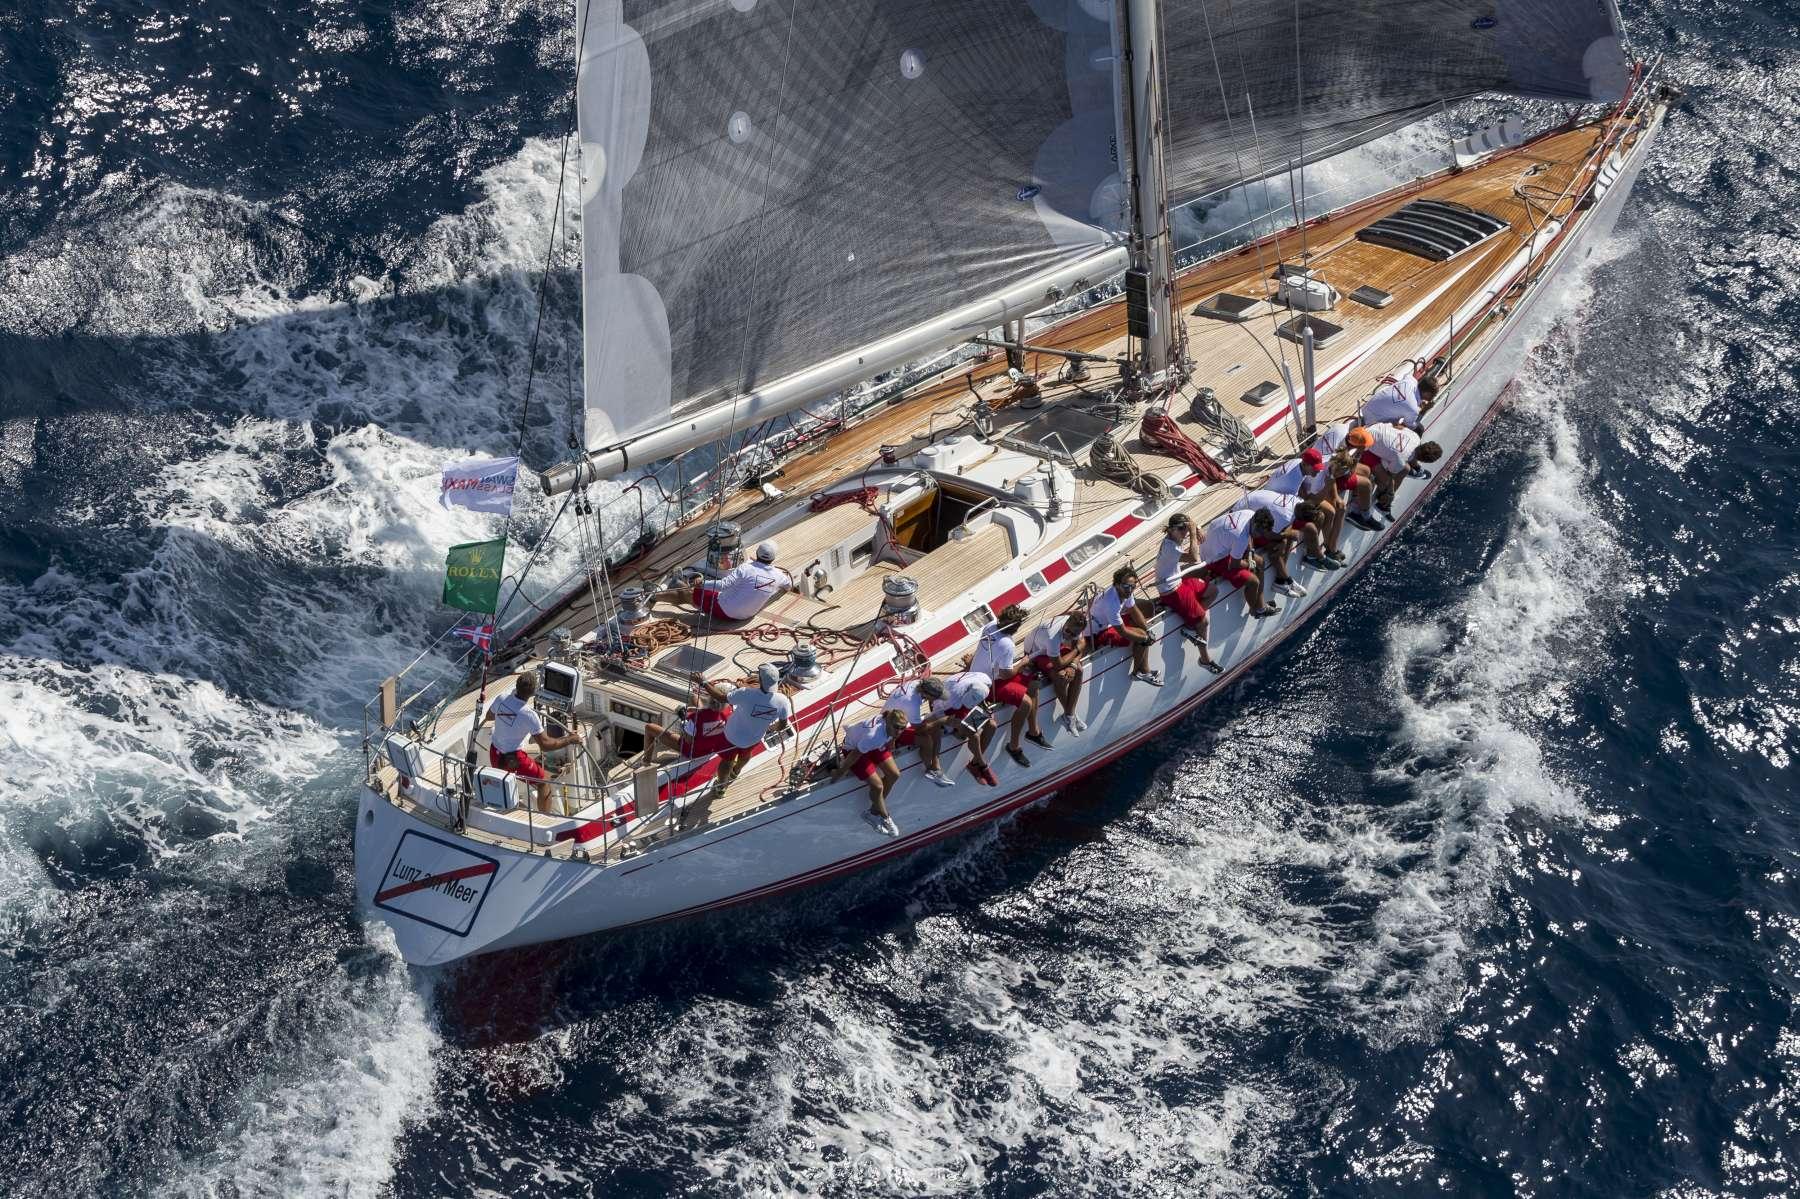 Condizioni Ideali per la flotta della 20^ Rolex Swan Cup - NEWS - Yacht Club Costa Smeralda